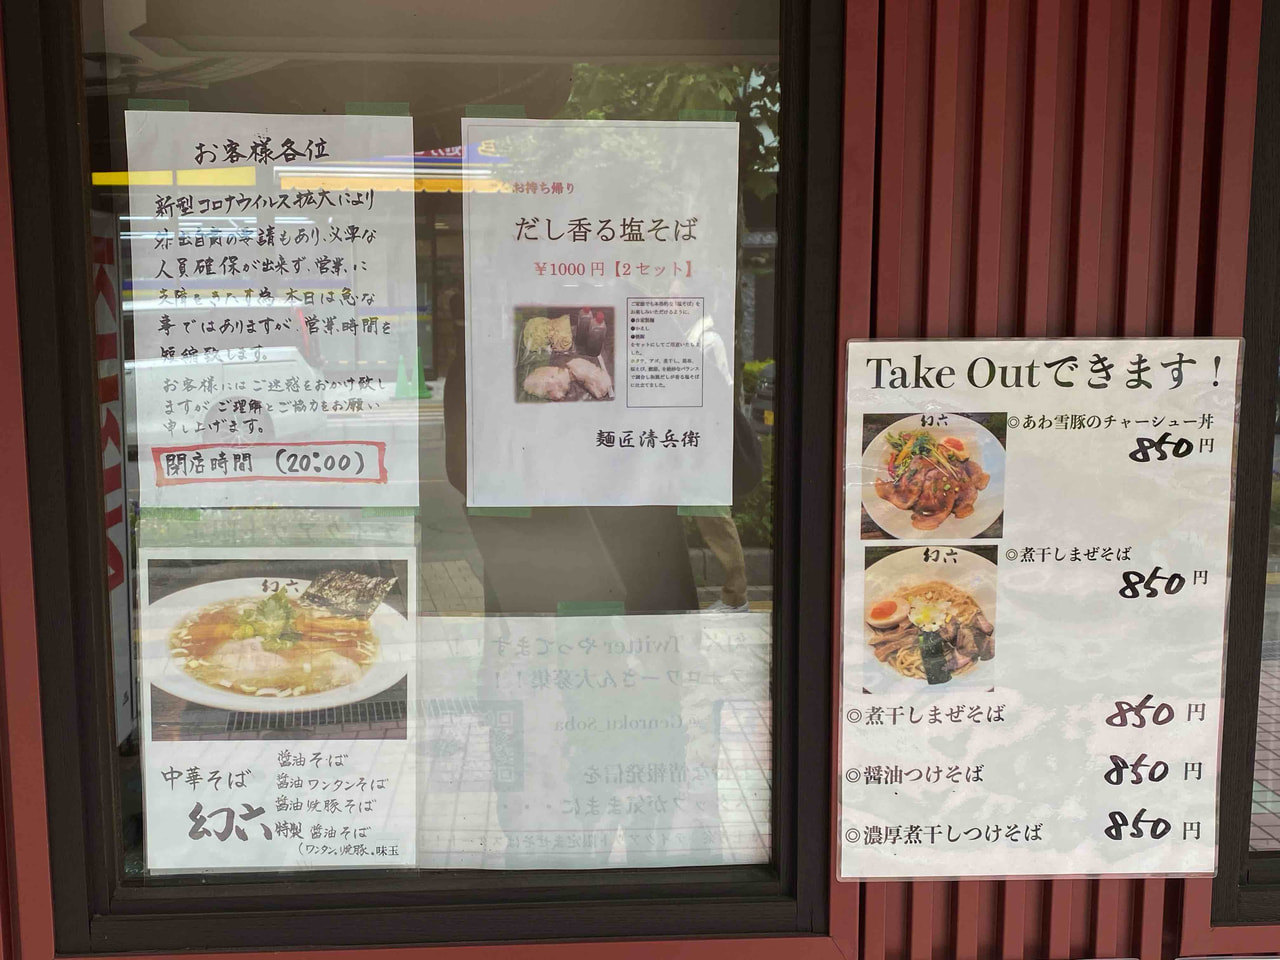 中華そば 幻六(げんろく)(朝霞市)のテイクアウトできるお弁当